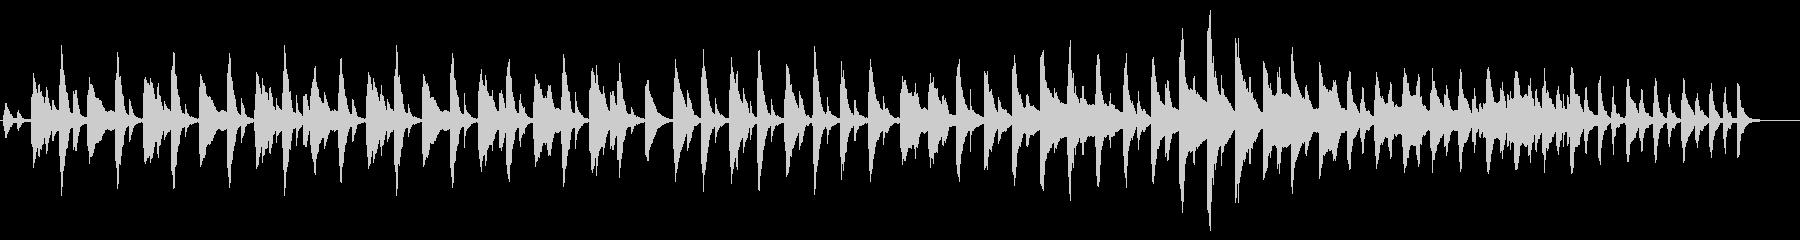 ハープのゆったりしたテンポの静かな曲の未再生の波形